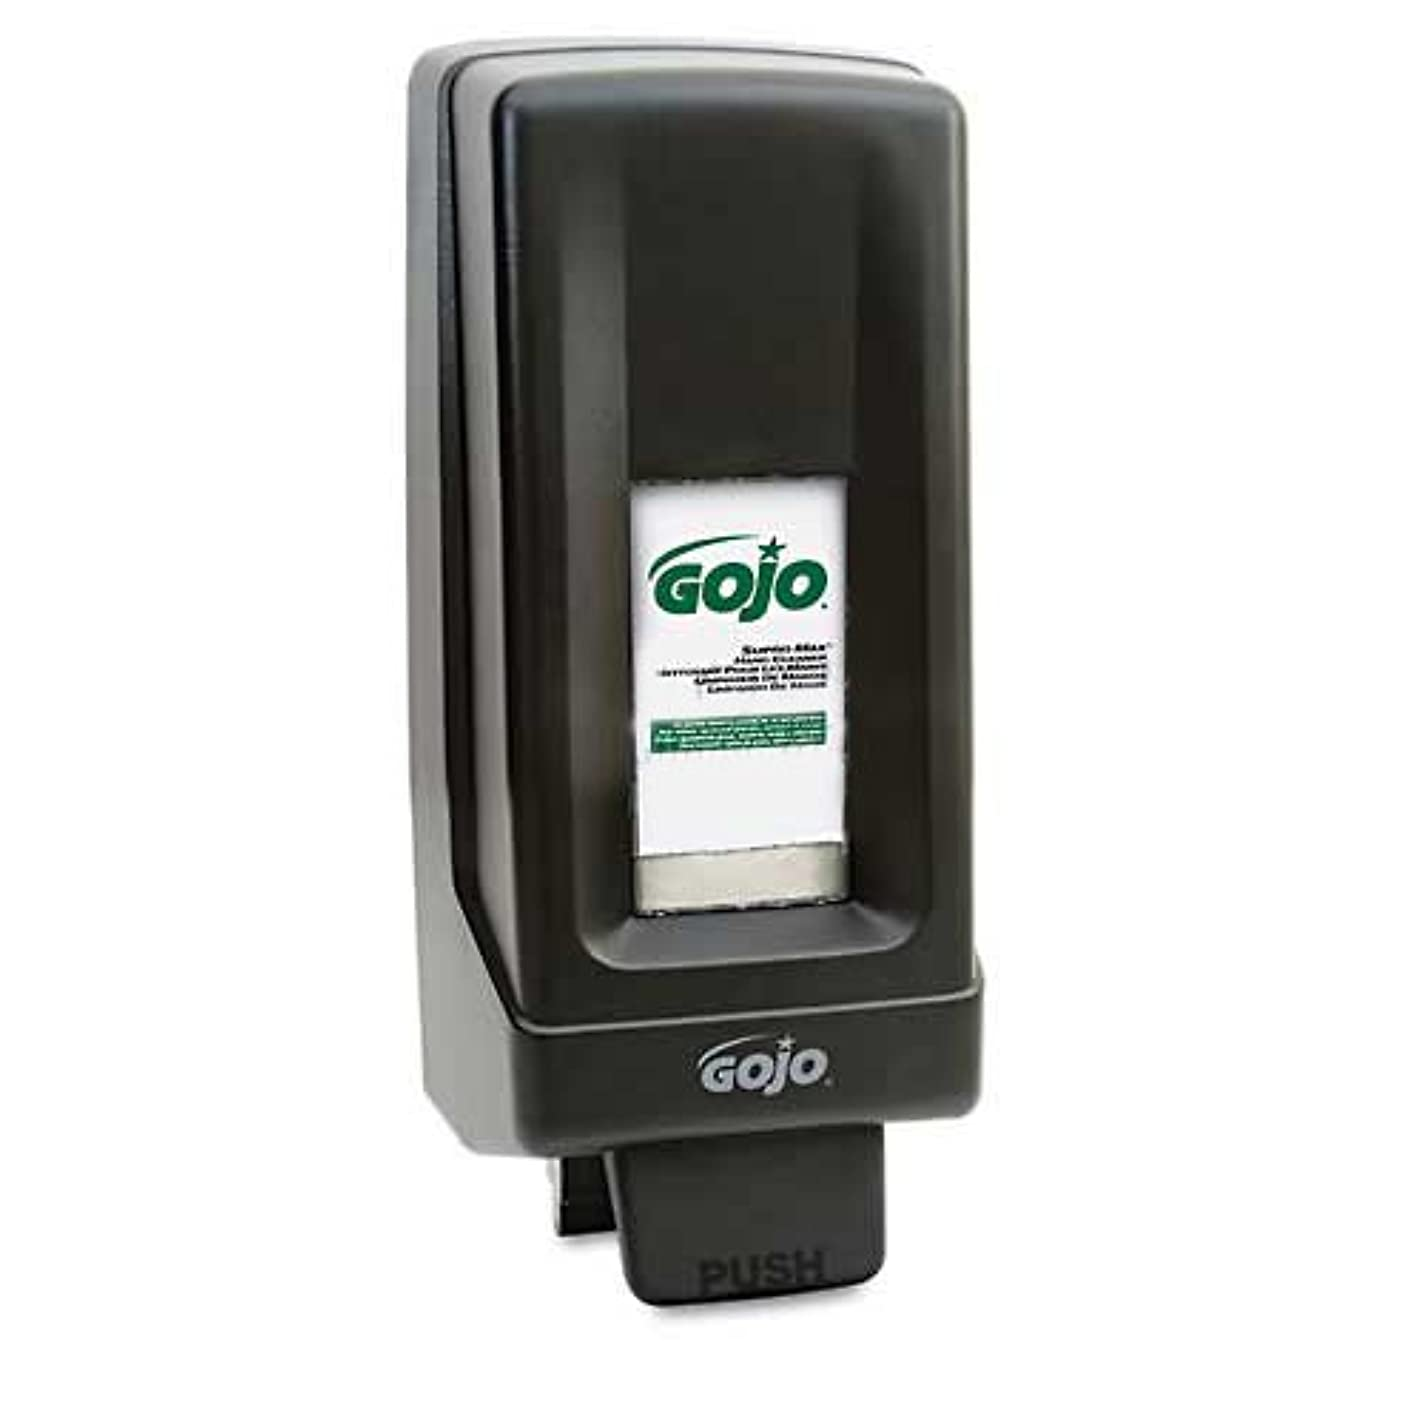 ハント本質的ではないクリエイティブGOJO PRO 5000ハンドソープディスペンサー、5000 ml、ブラック